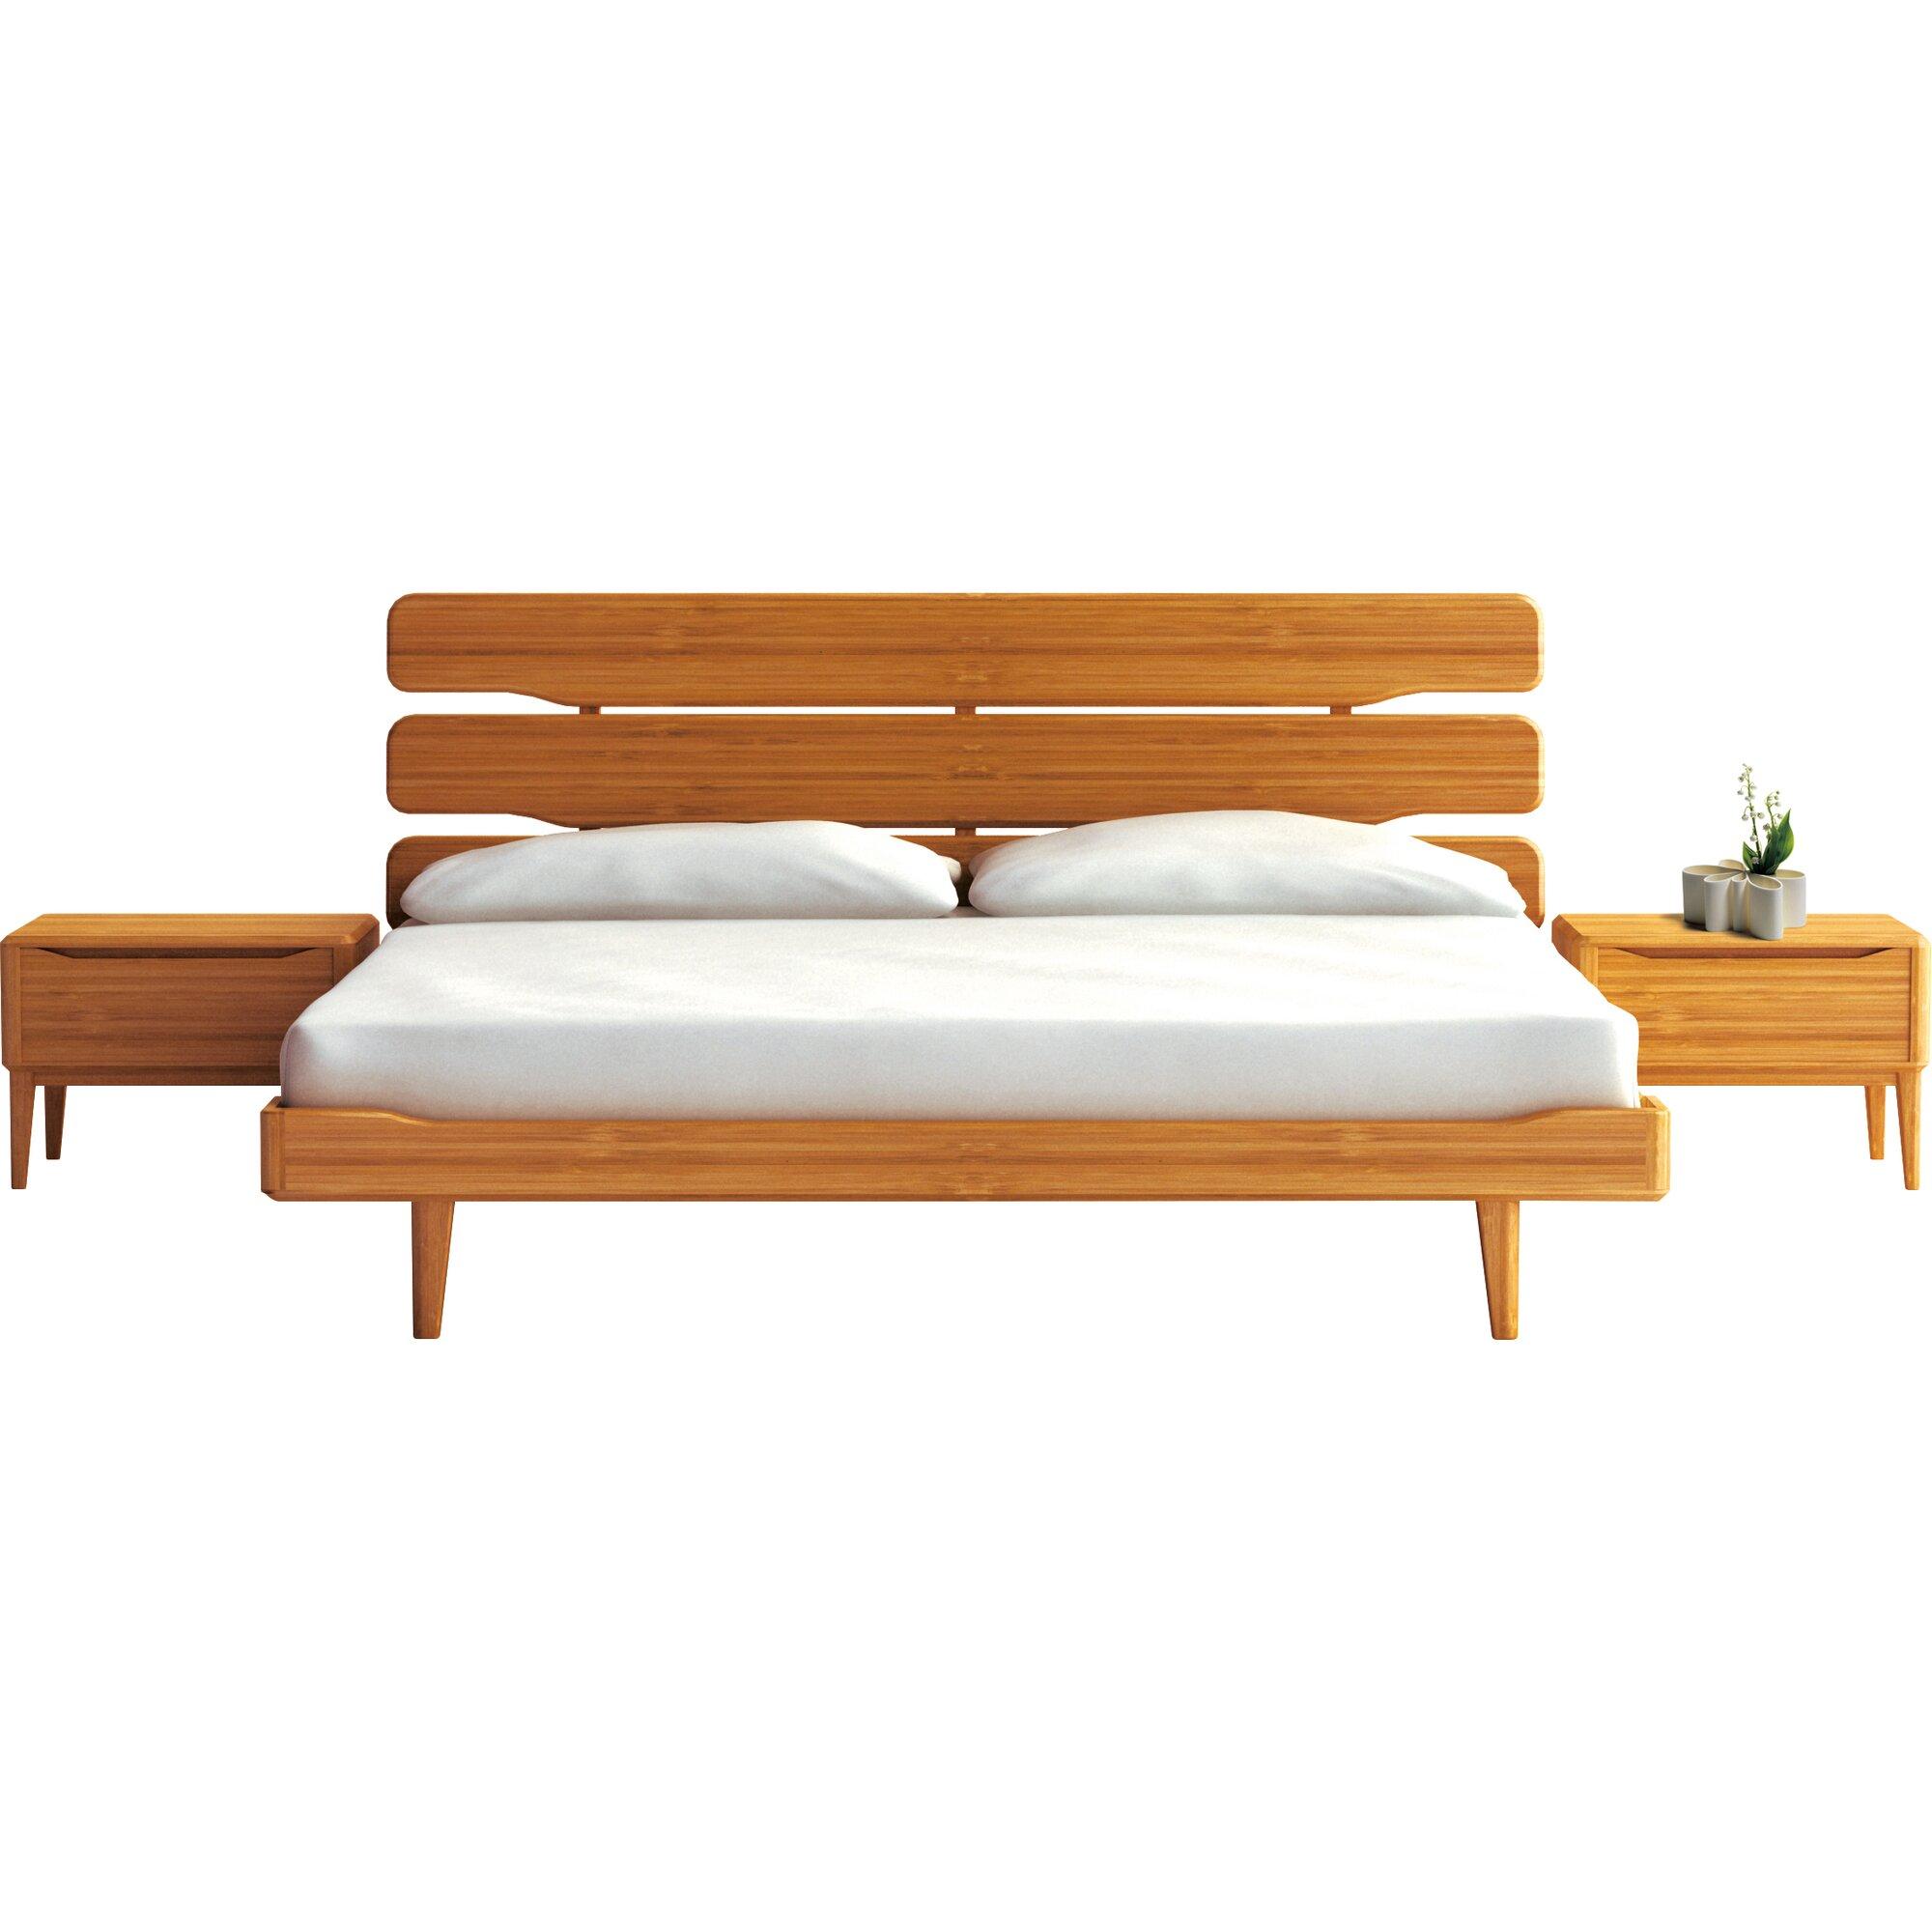 Currant platform bed reviews allmodern - Seagrass platform bed ...